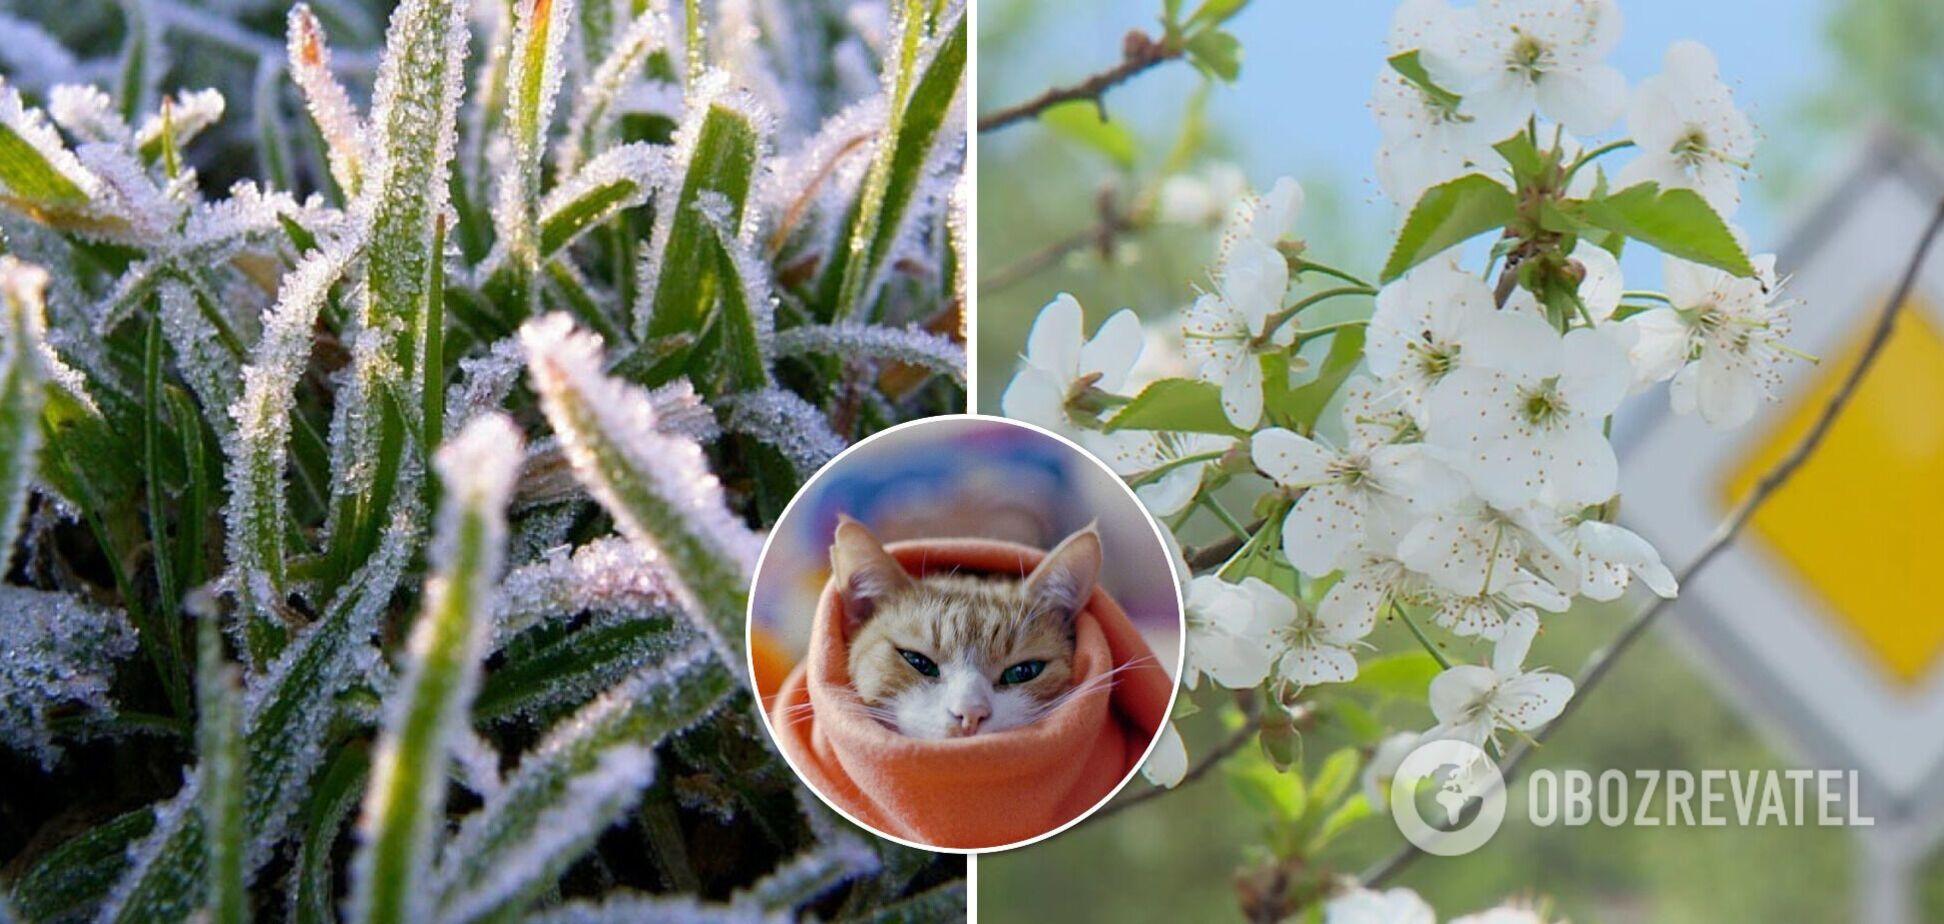 Наприкінці травня в Україну можуть прийти заморозки й похолодання: як зміниться погода